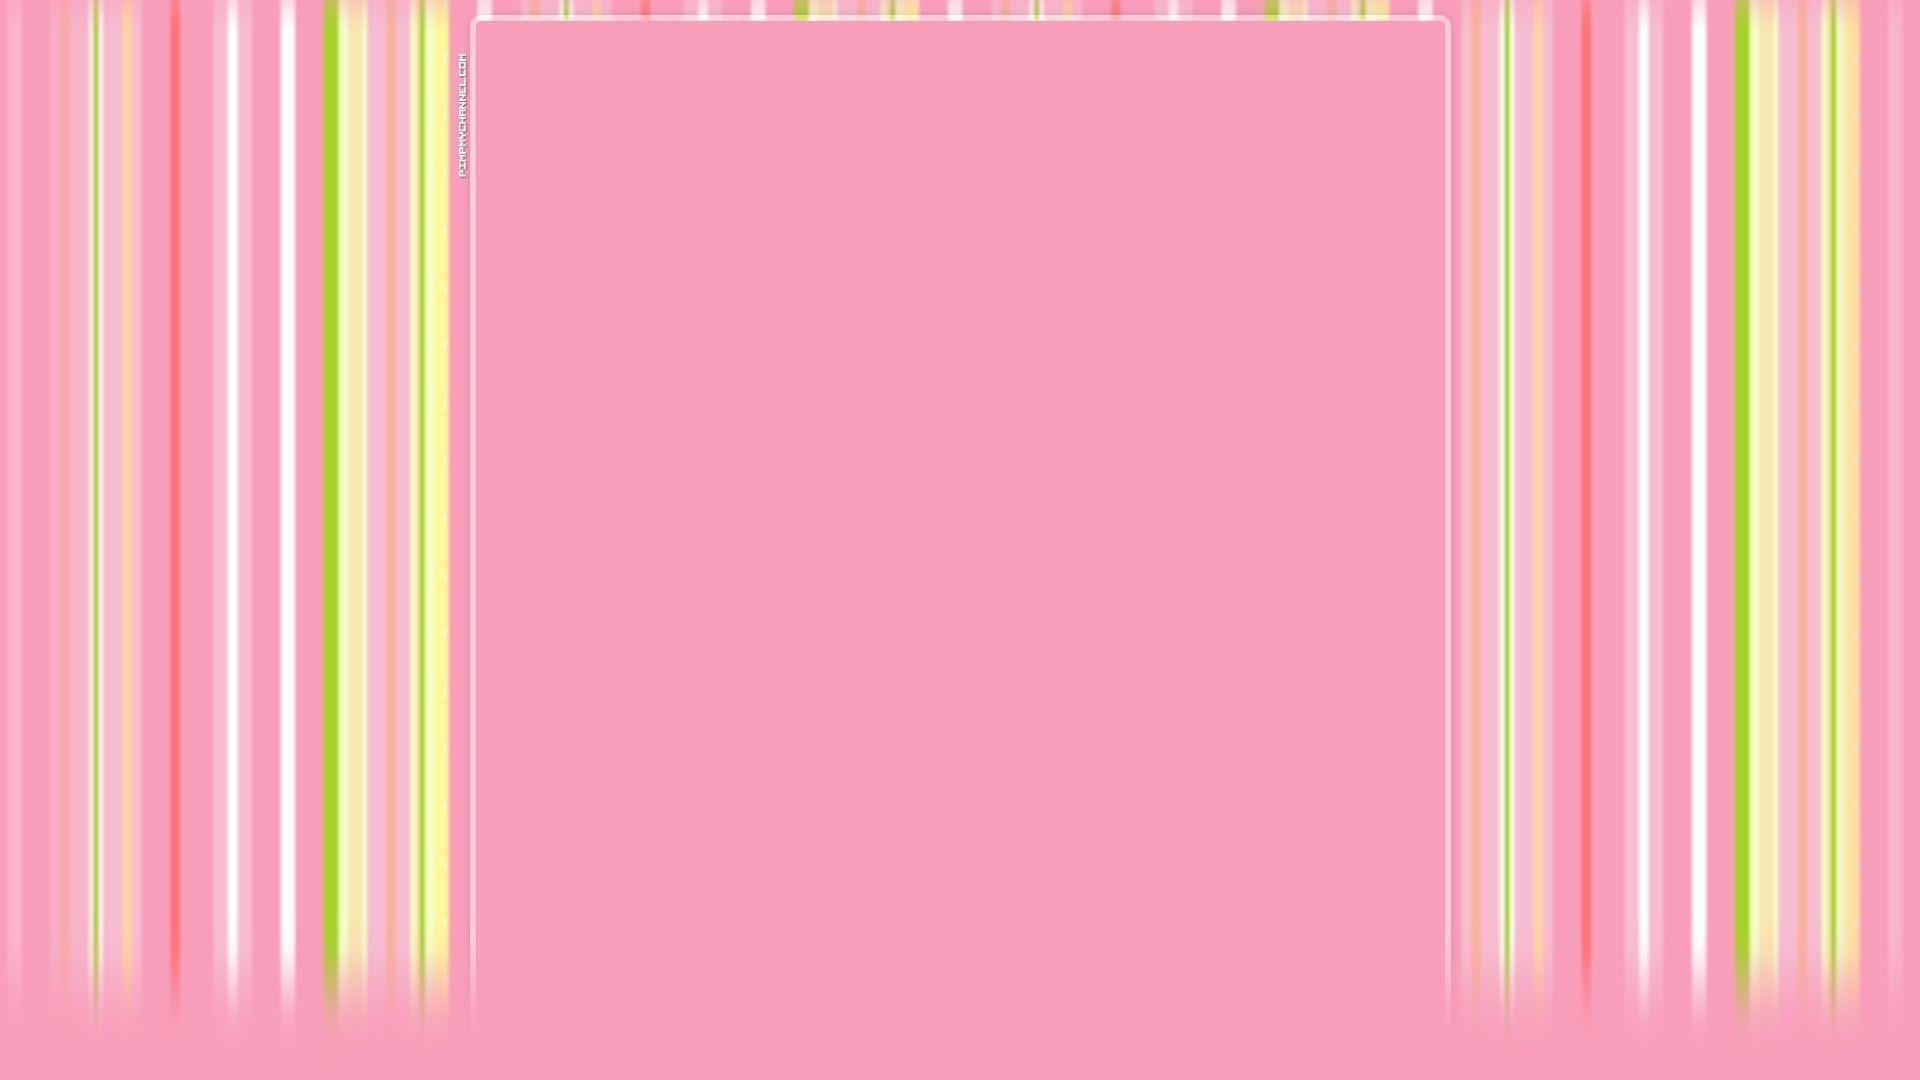 <b>Pink Wallpaper</b> Blog – WallpaperSafari